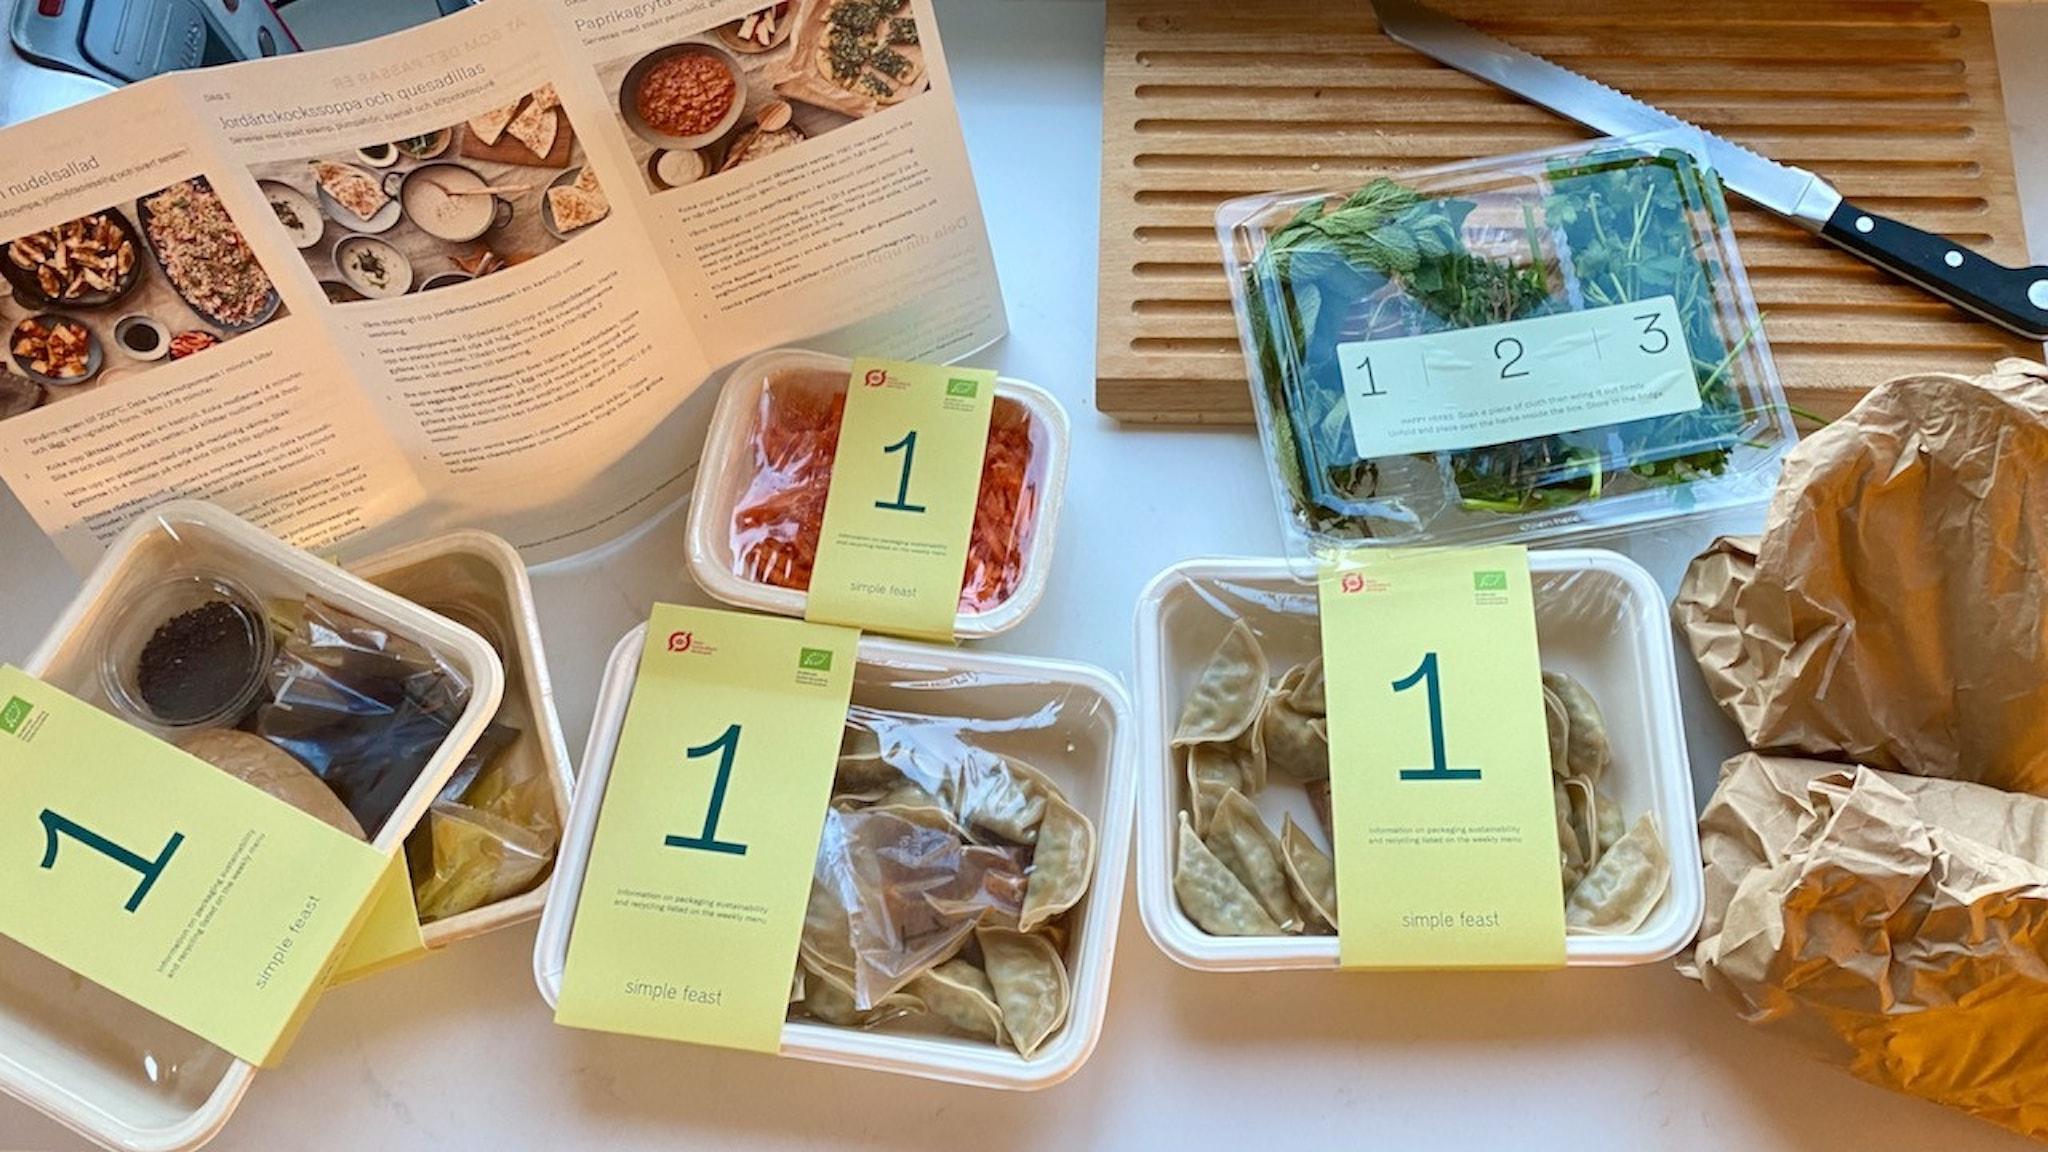 Receptbroschyr och råvaror märkta med siffror. Det här är mat från danska Simple feast.